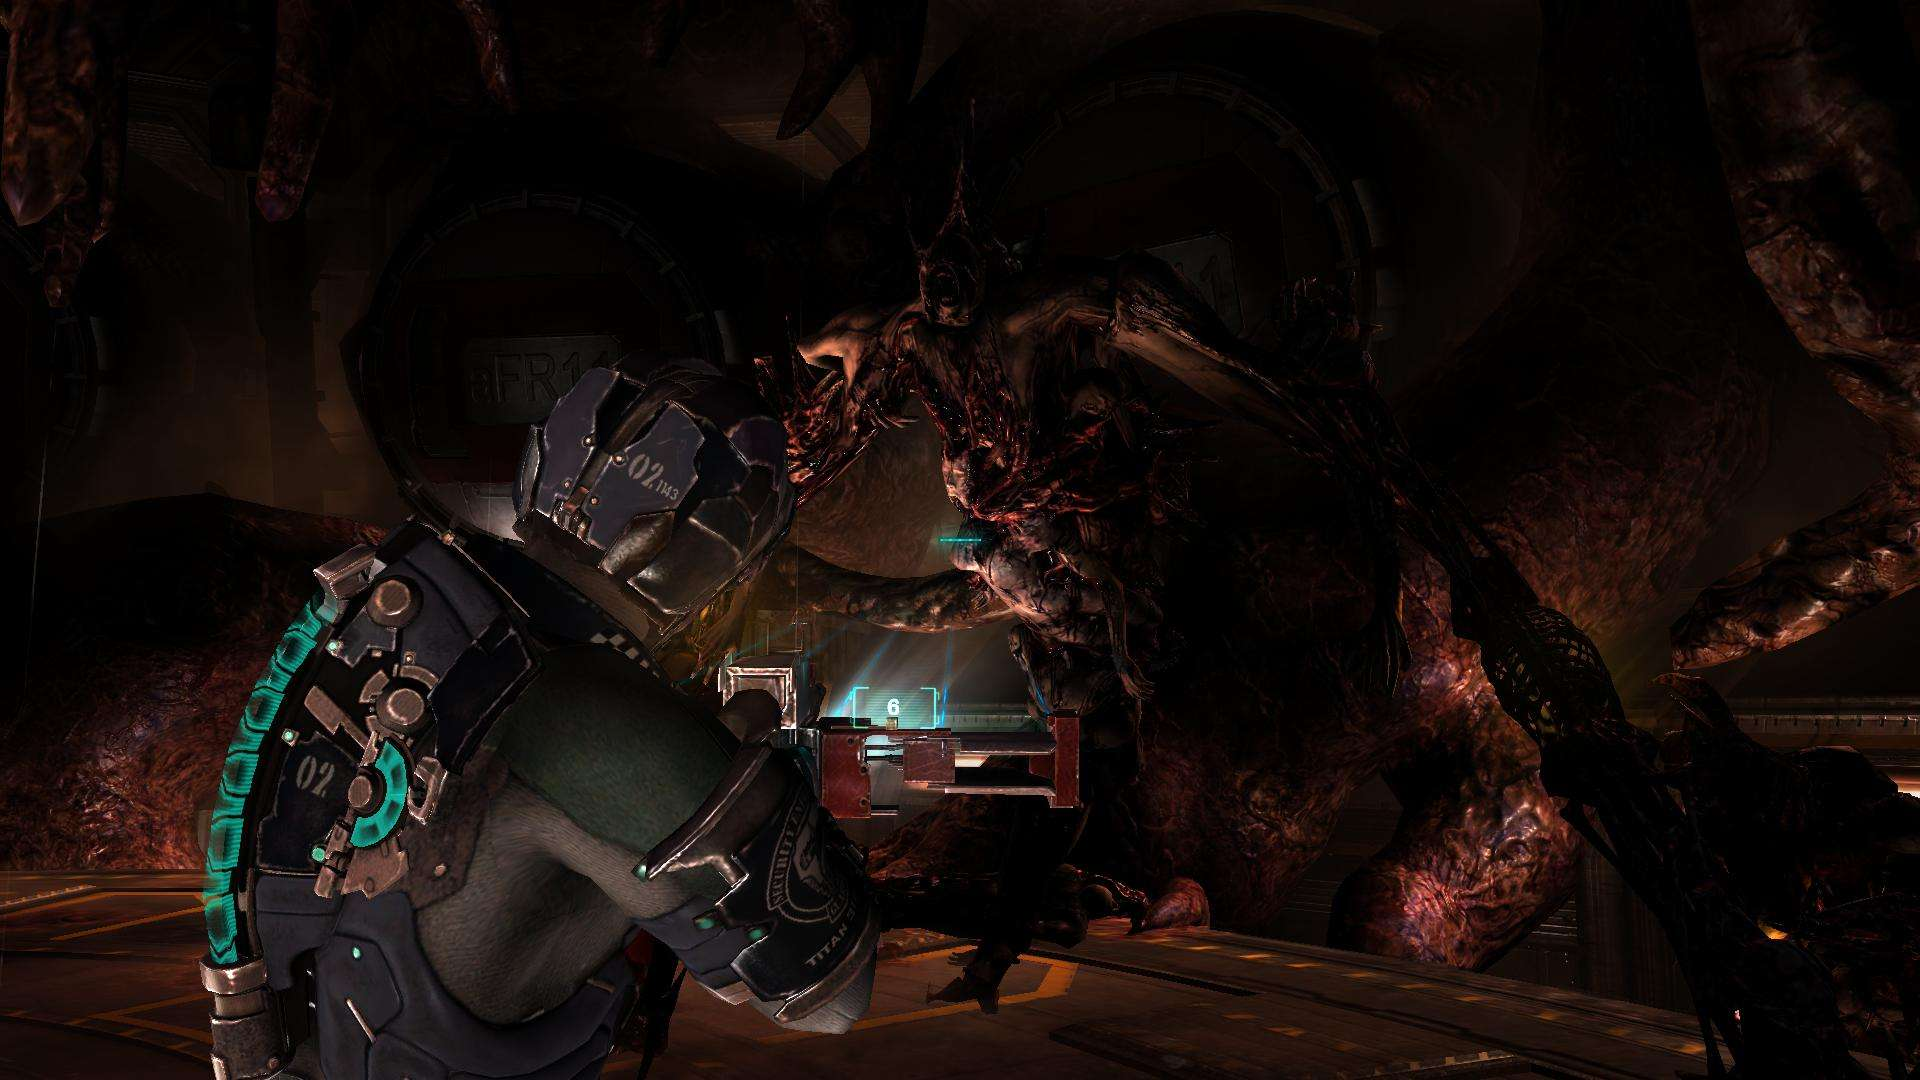 刺客信条 起源 Xbox One X实机演示 4K画面风景如画打斗震撼 游戏快讯